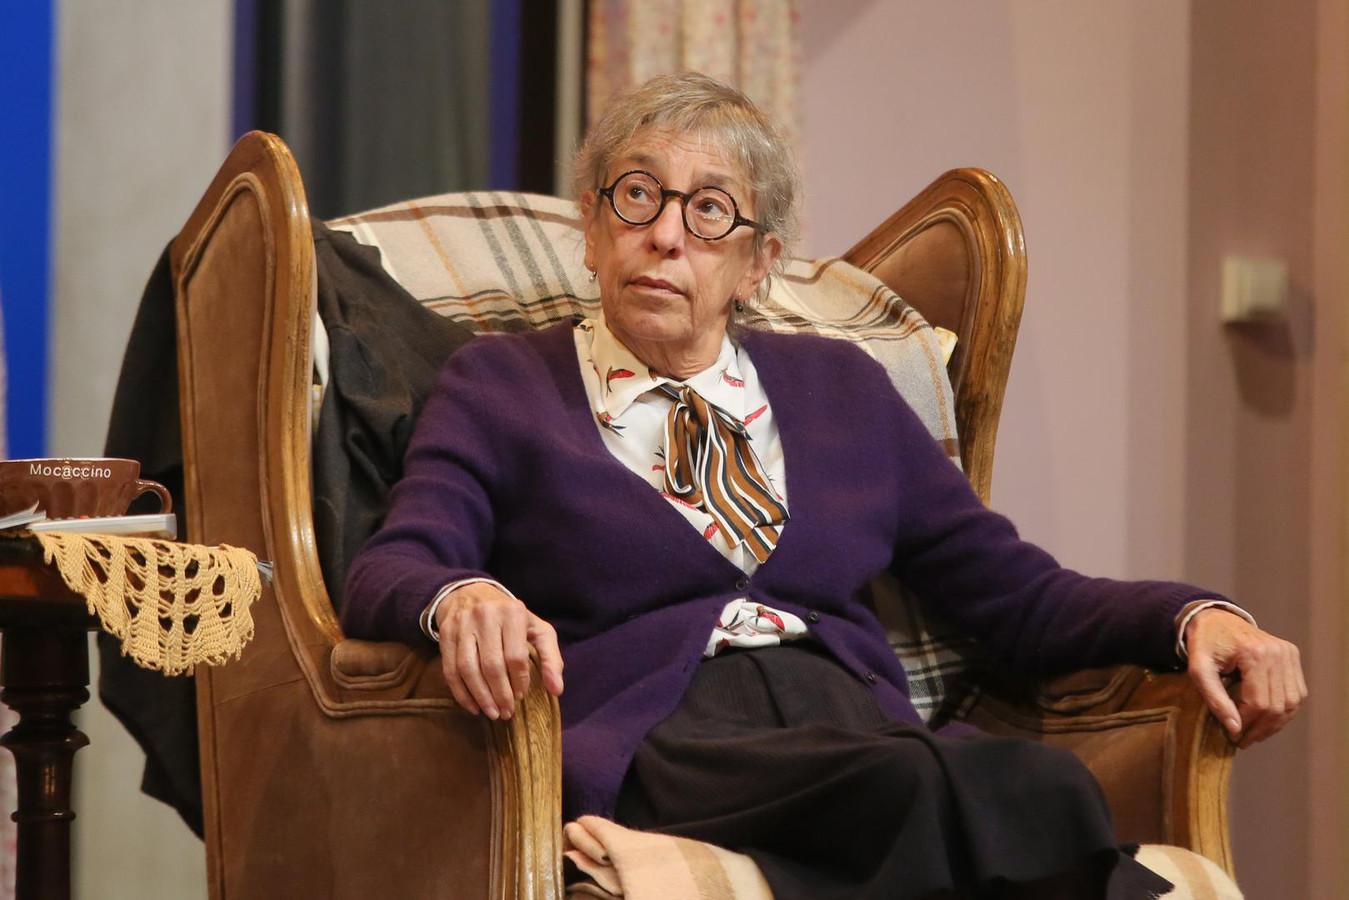 Anémone lors d'une pièce de théâtre en 2017